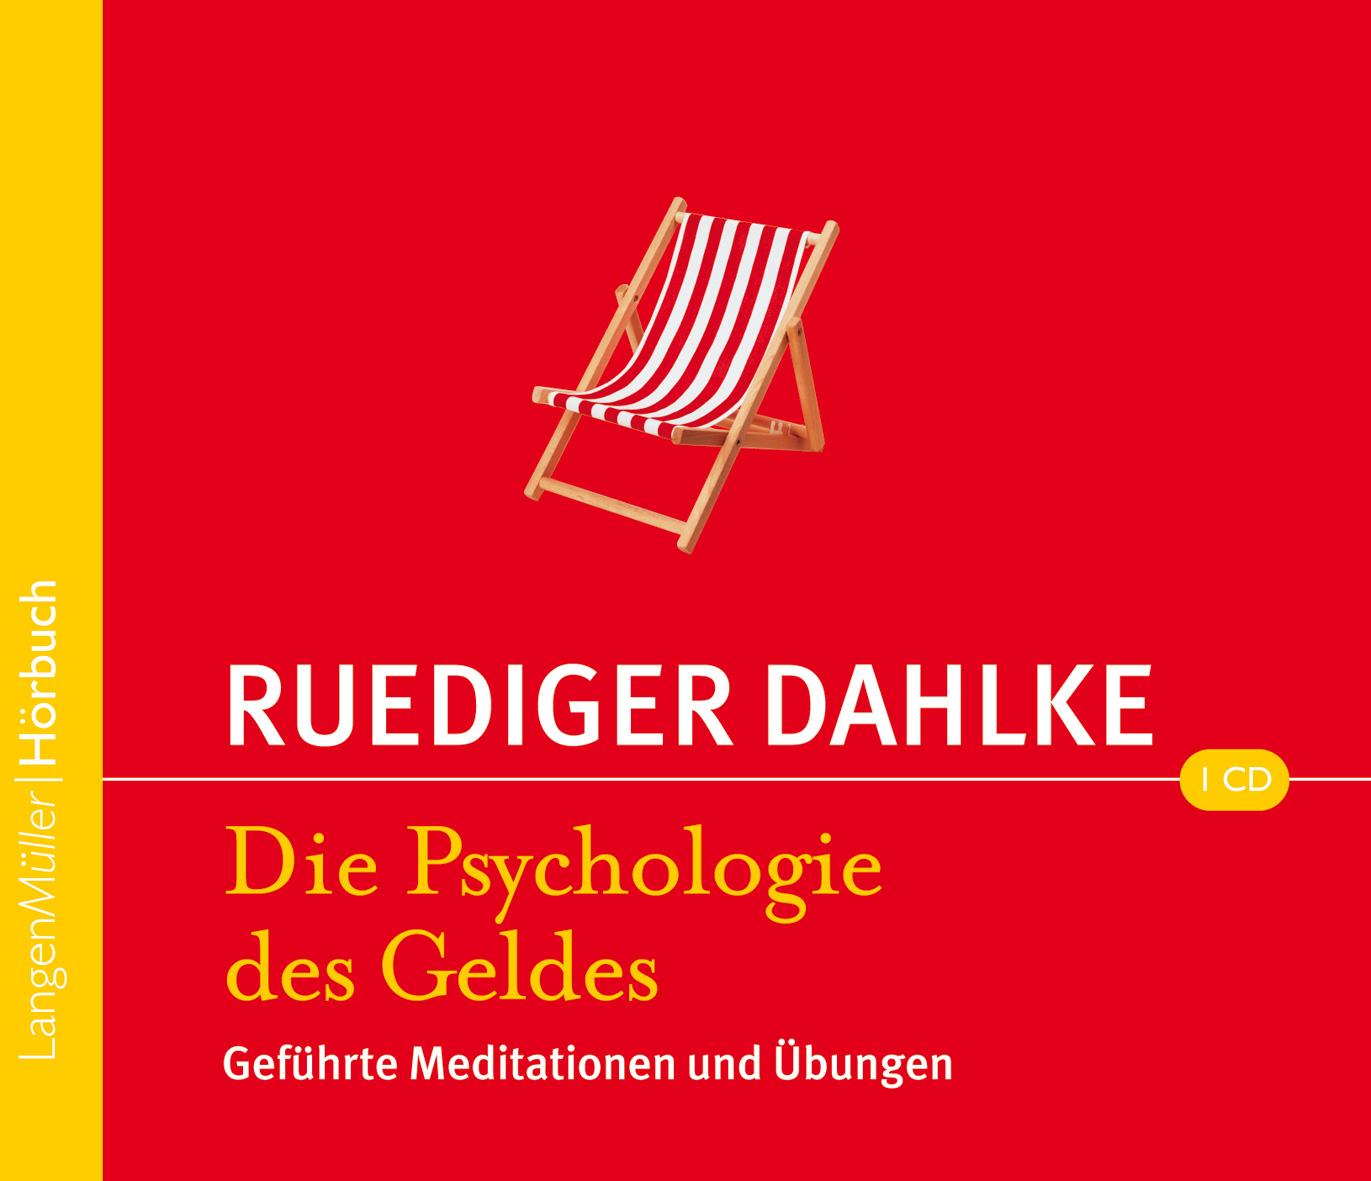 Rüdiger Dahlke - Die Psychologie des Geldes